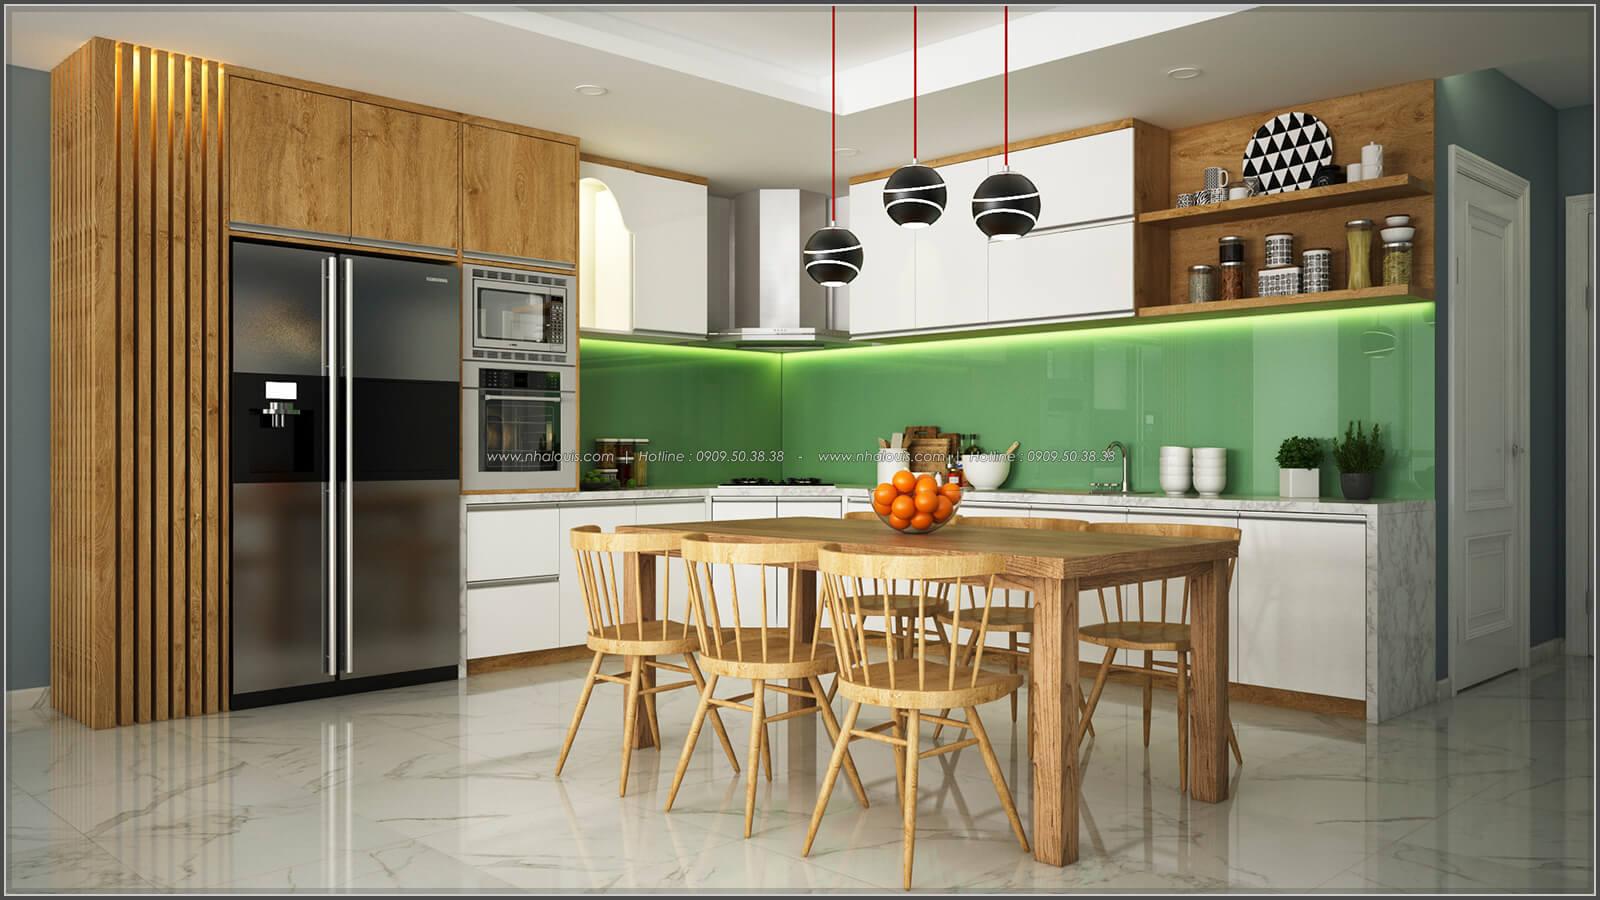 Phòng ăn thiết kế phòng trọ 15m2 tại Quận Bình Thạnh - 9